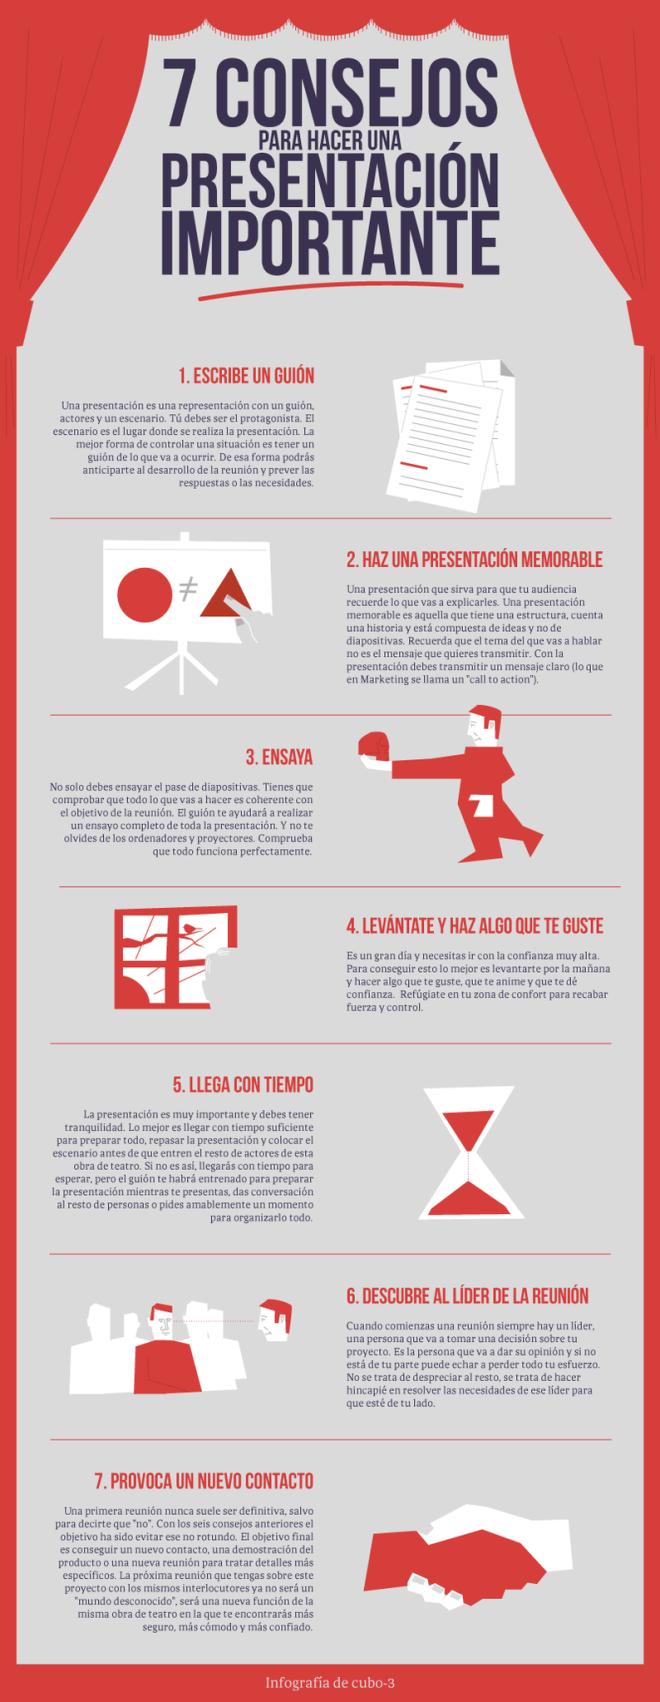 7 consejos para hacer una presentación importante